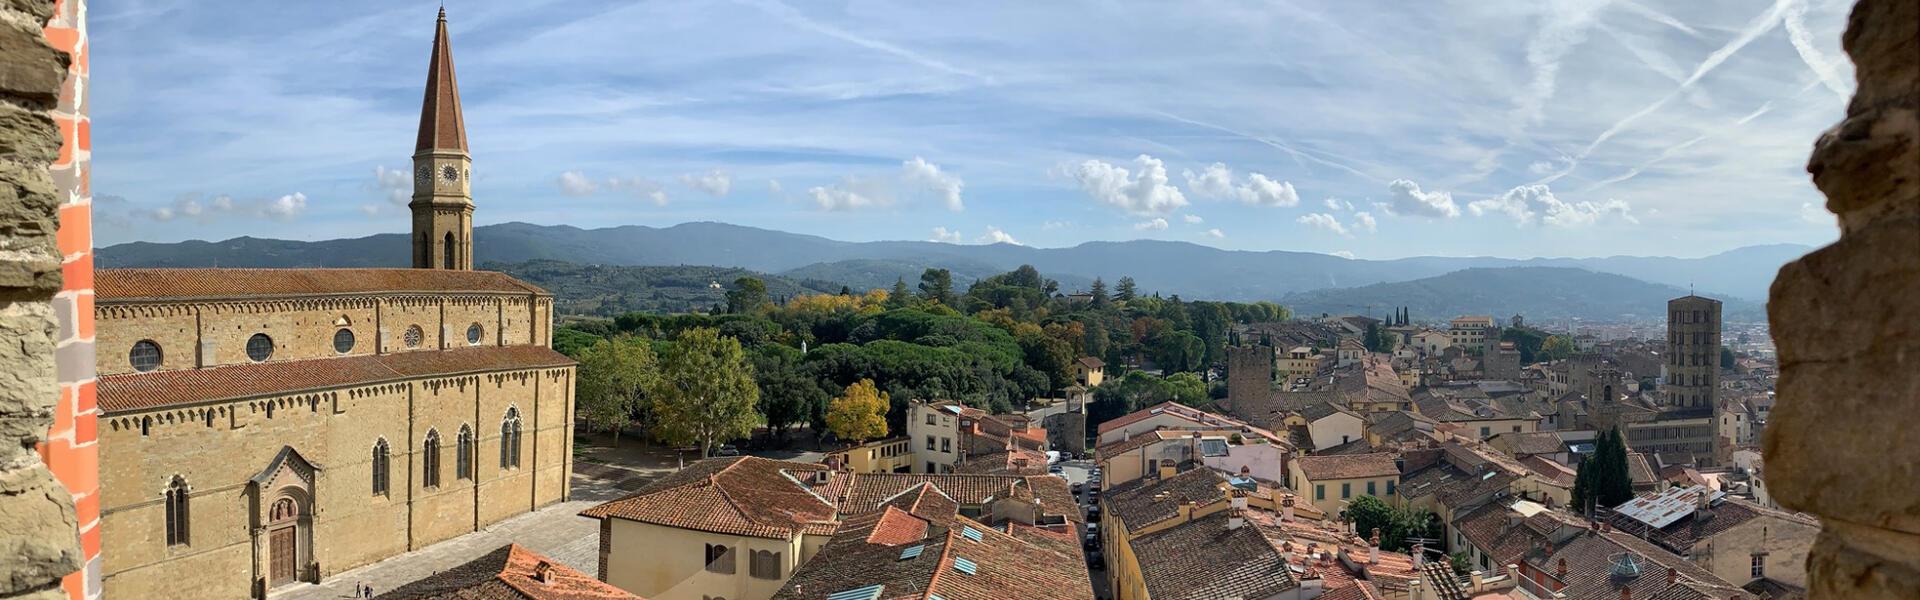 Visita Arezzo e la Toscana che non ti aspetti!